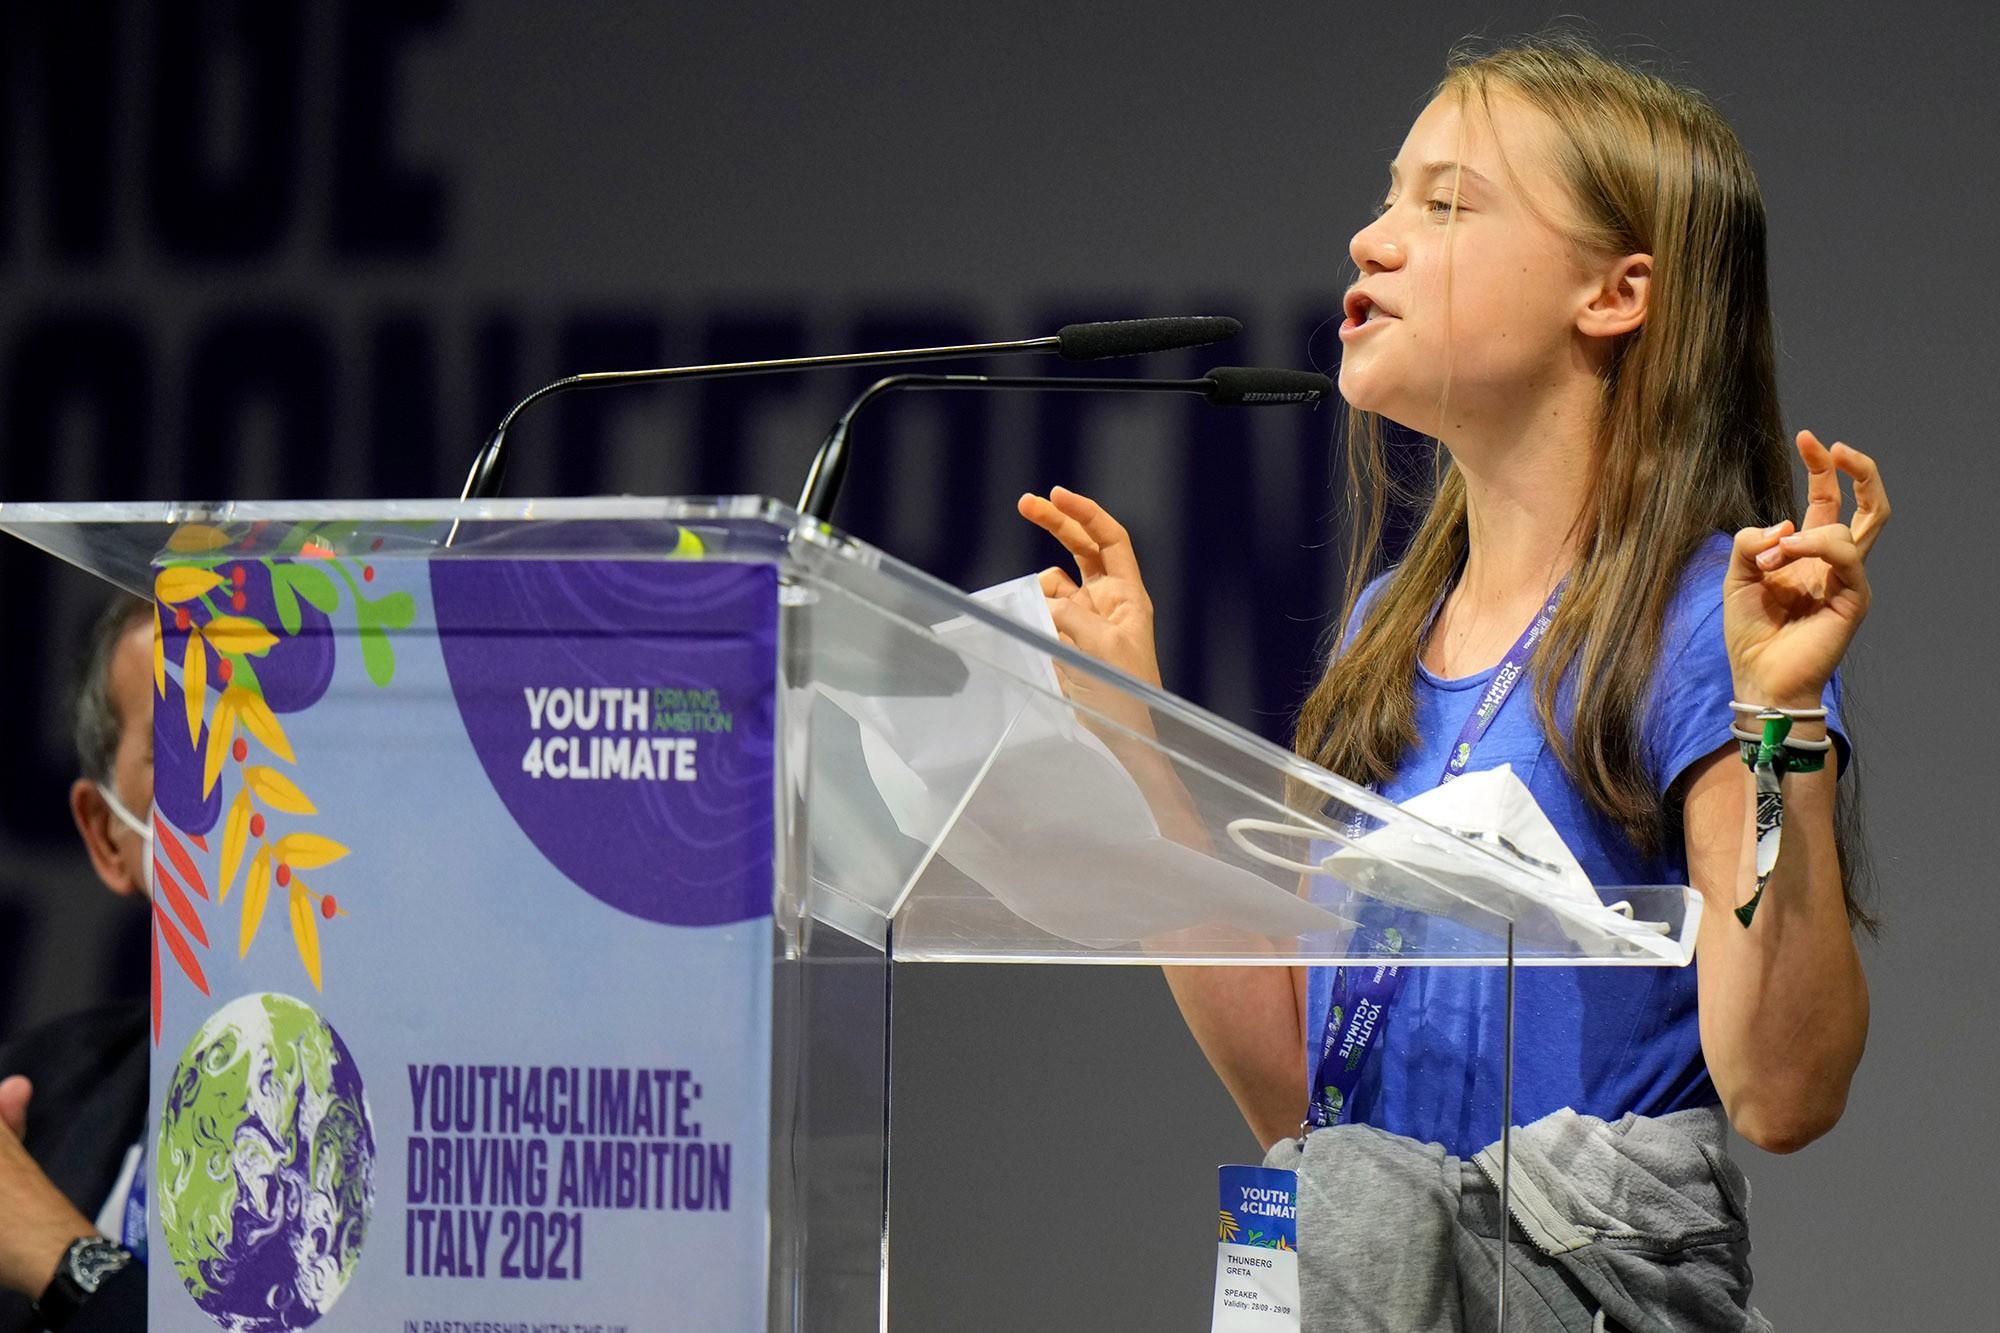 Mundo: Greta Thunberg troça das palavras dos líderes mundiais em Youth4Climate